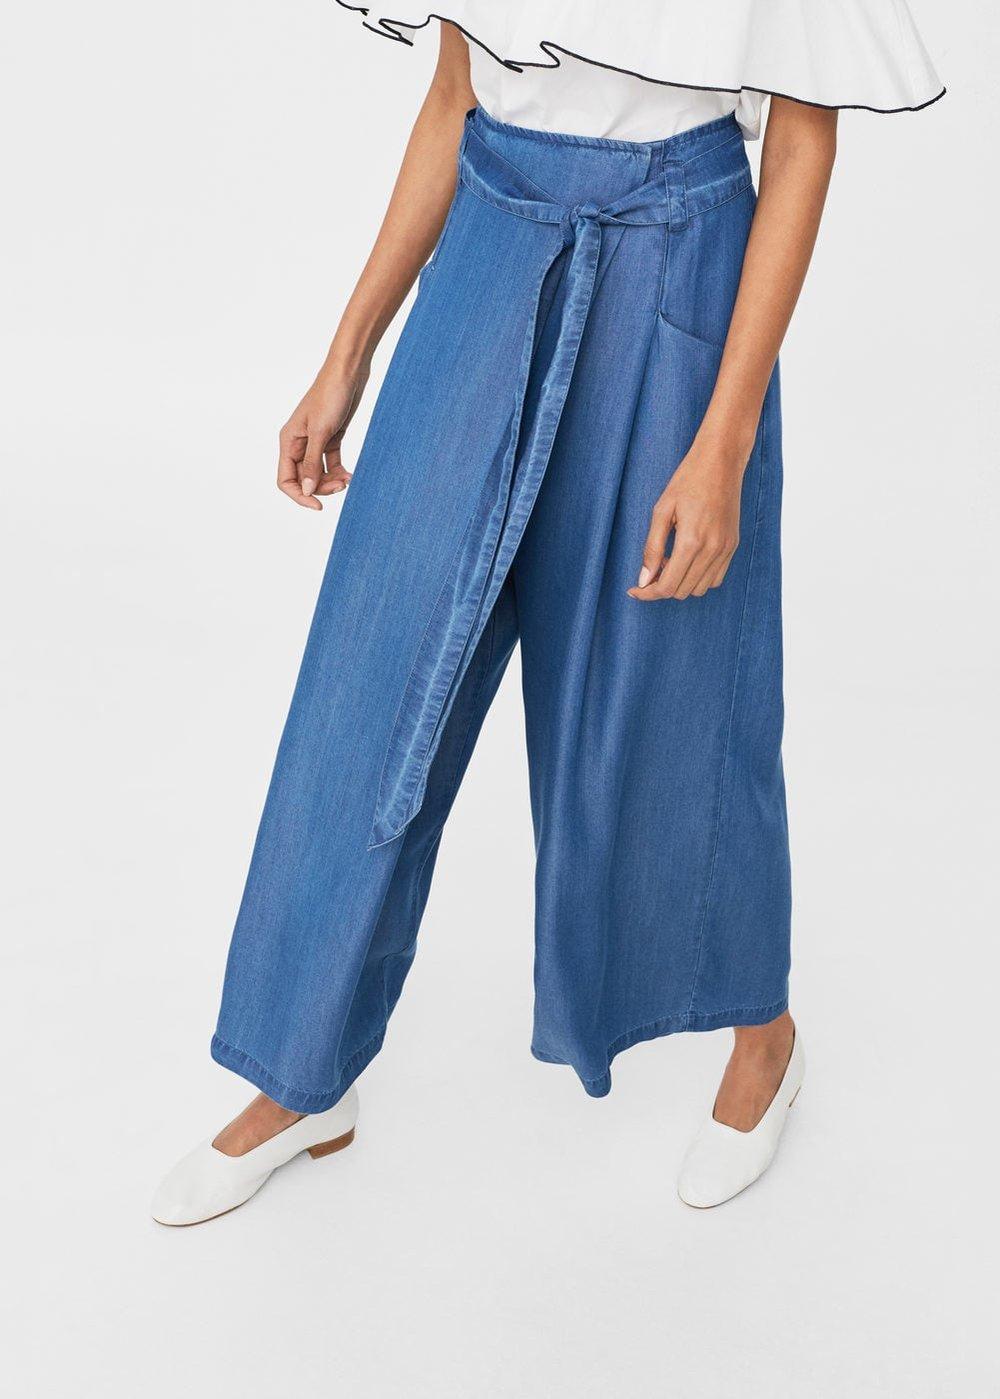 Wide leg blue jean